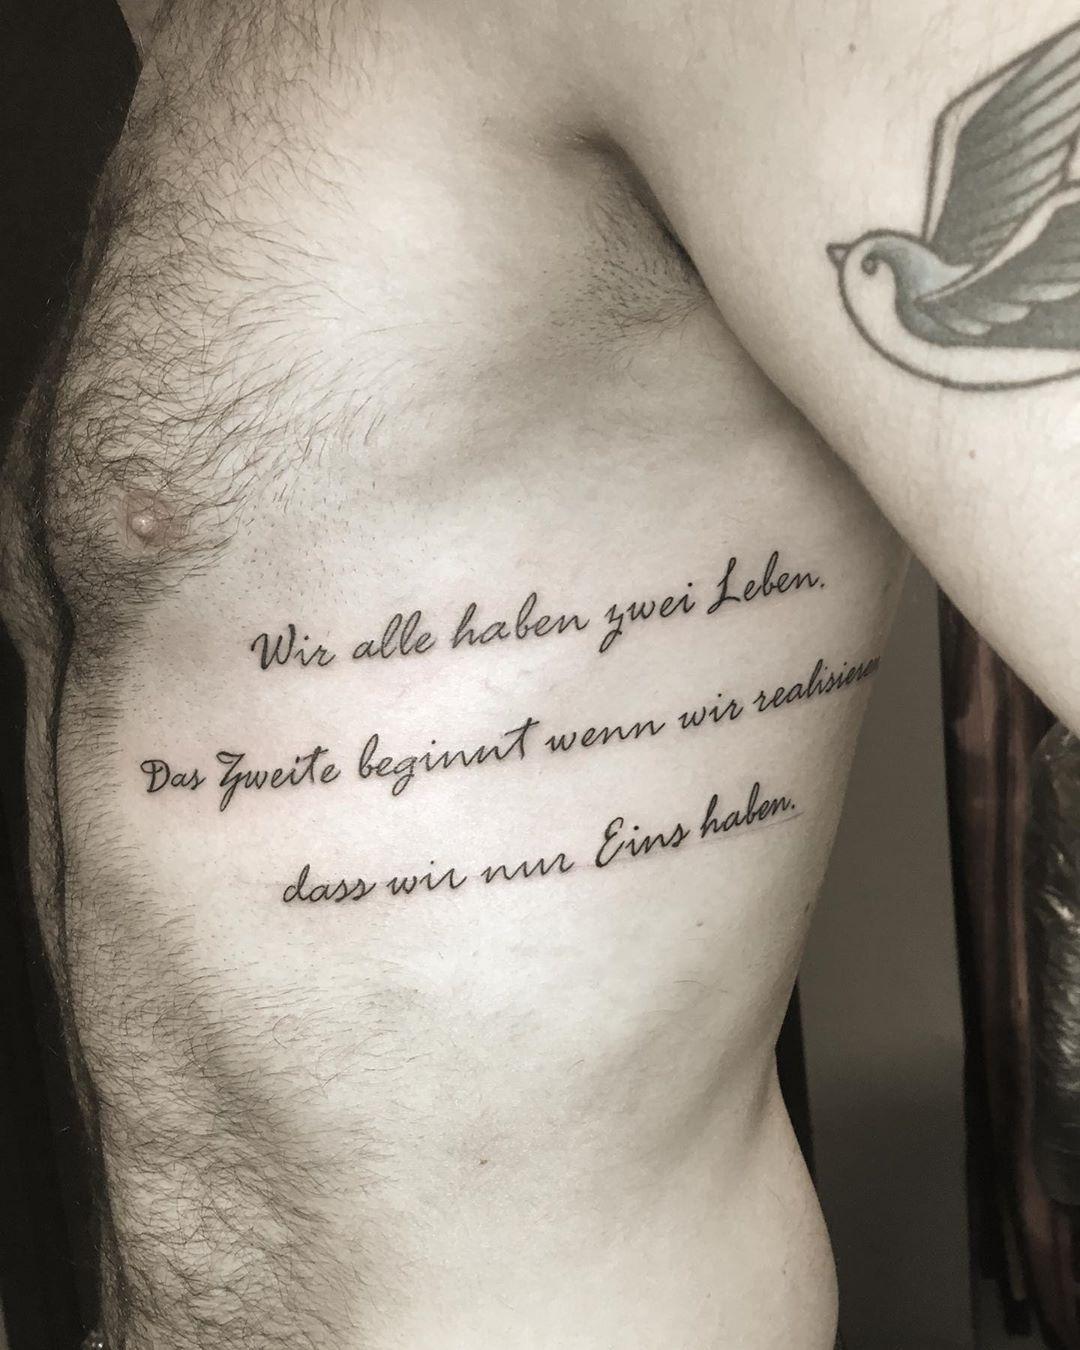 #tattoo #tattoos #wotercolortattoo #alexpassiontattoo #tattoorealistic #tattooart #tattooedgirl #tattooideas #tattoosofinstagram #tattooink #tattooedwomen #tattoos #tattoo2me #traditionaltattoo #oldschooltattoo #tattoostyle #tattooedlife #tattooworkers #tattooed #tattoosleeve #tattooartist #tattoomodel